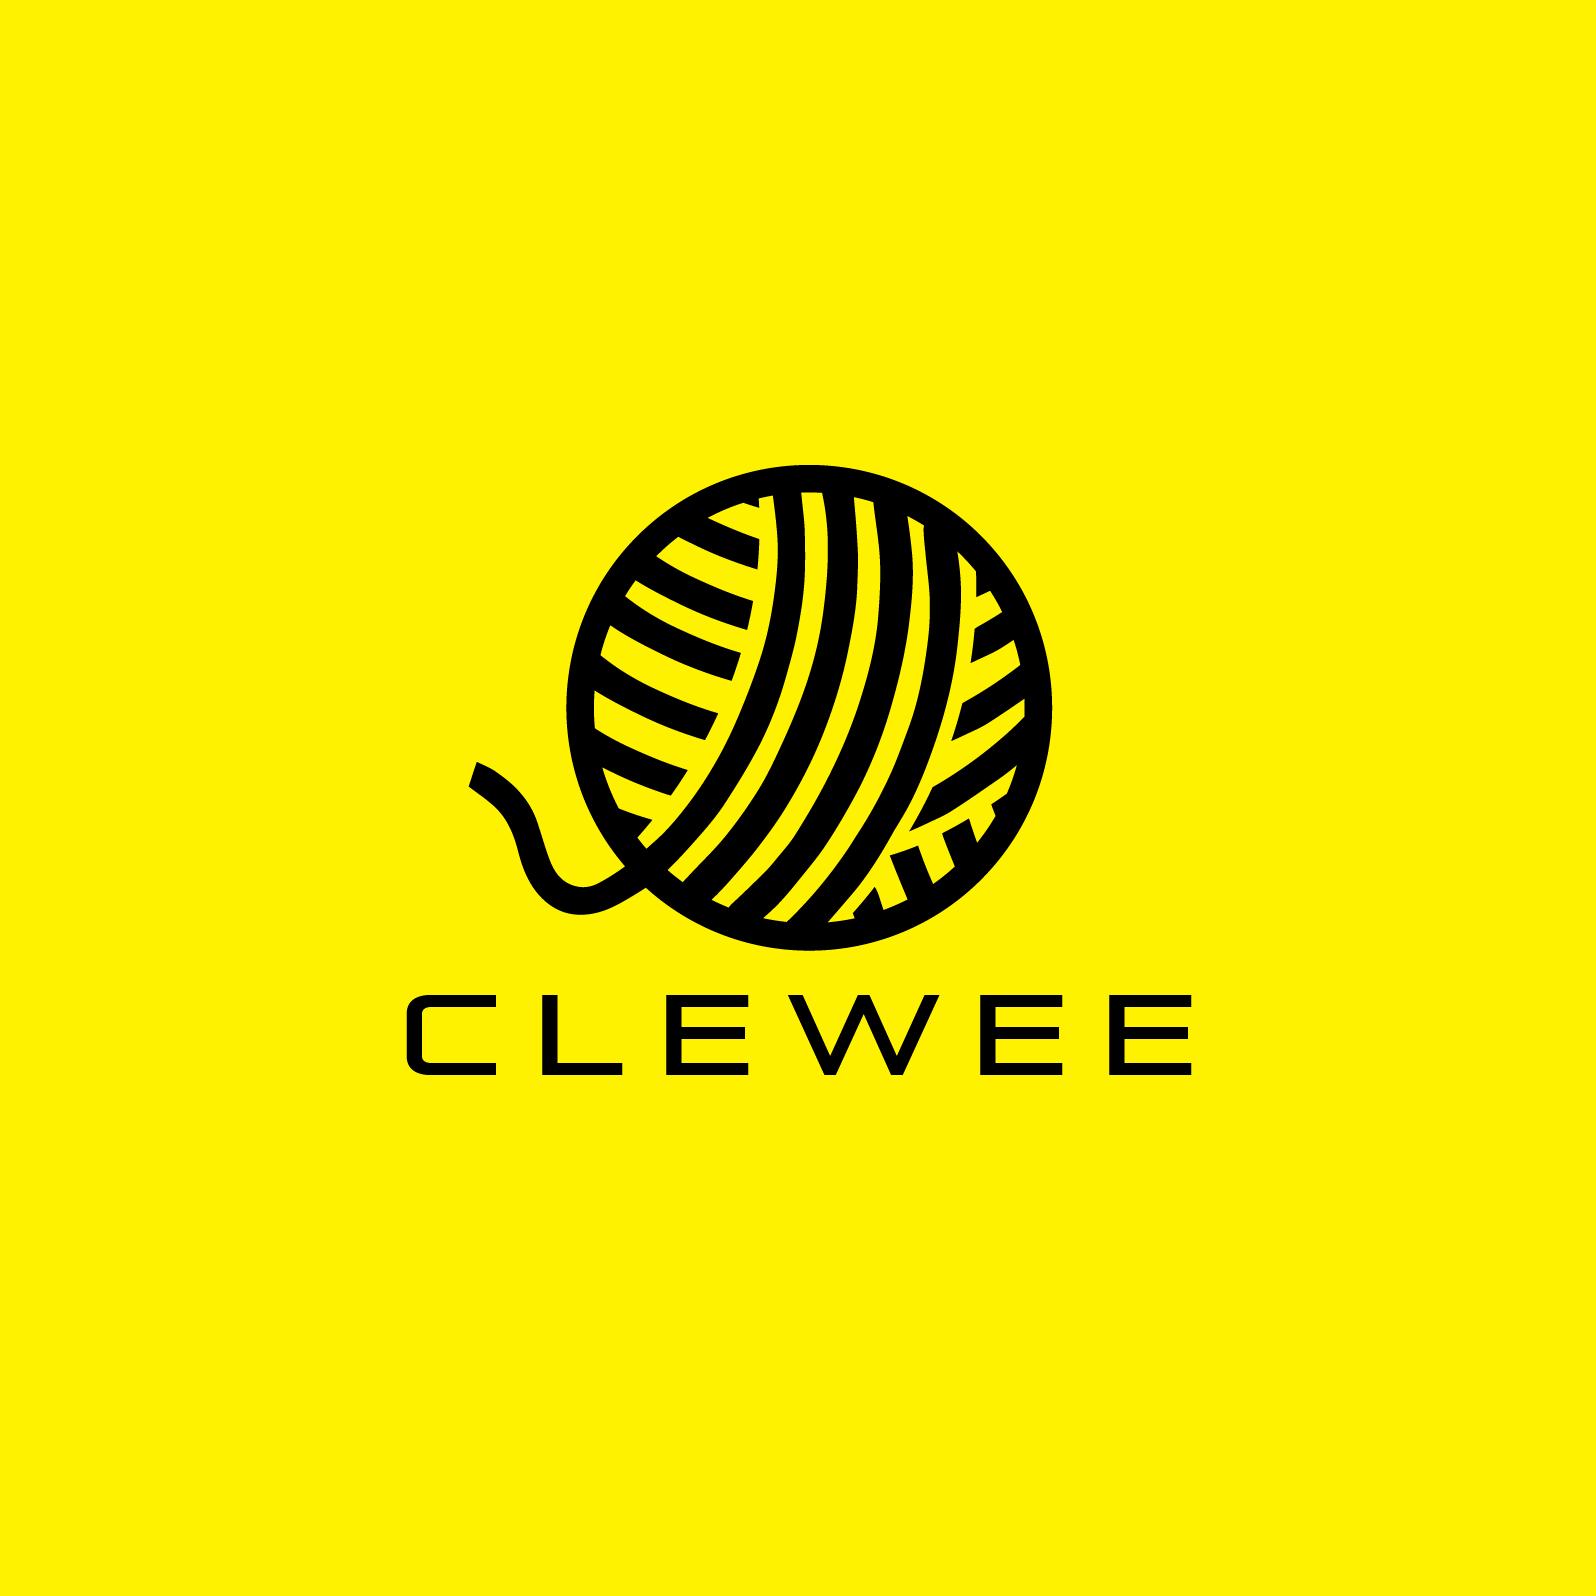 Clewee